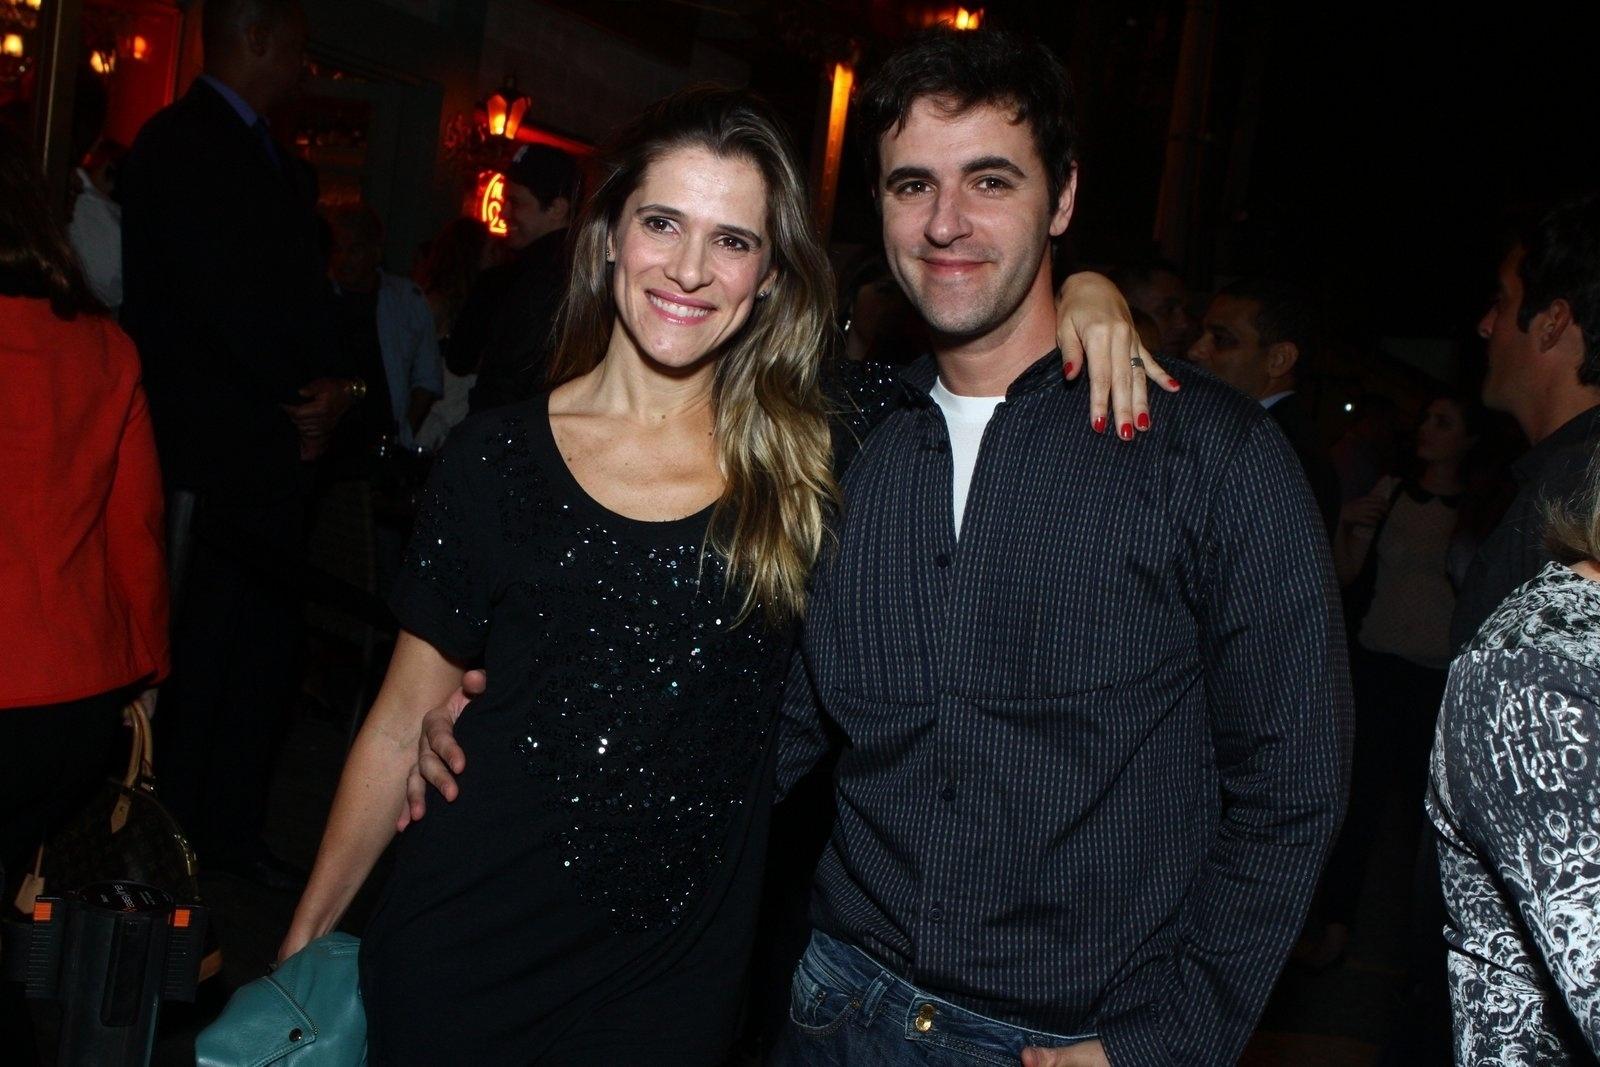 6.ago.2013 - Ingrid Guimarães com o ator Rodrigo Lopez na inauguração do restaurante Paris 6 na Barra da Tijuca, no Rio de Janeiro